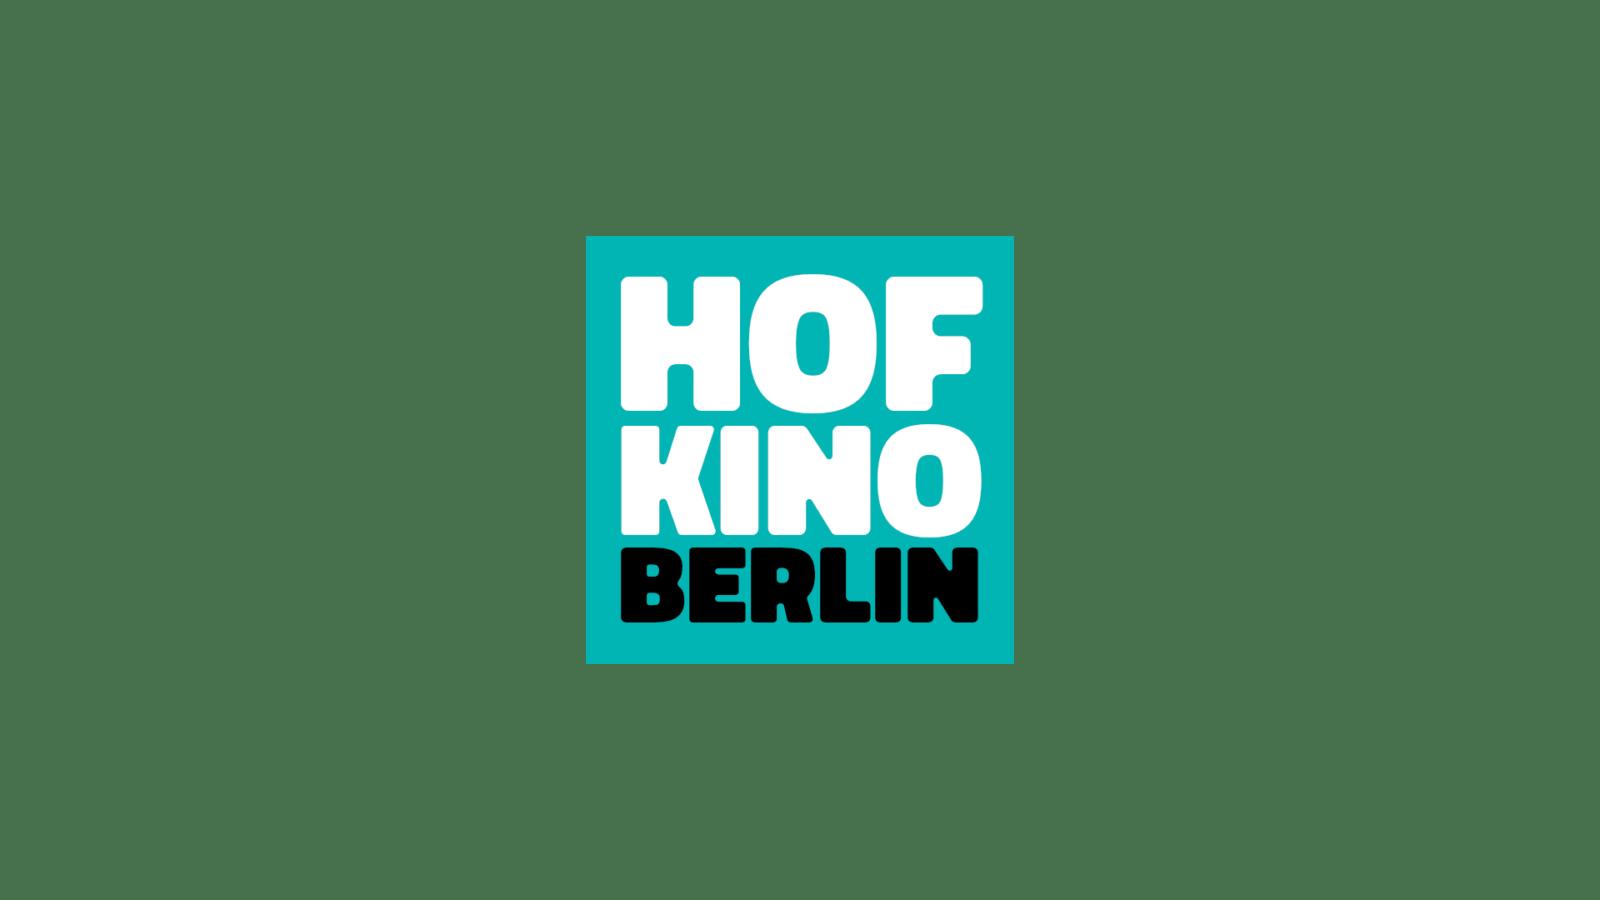 freiluftkino friedrichshain programm 2019